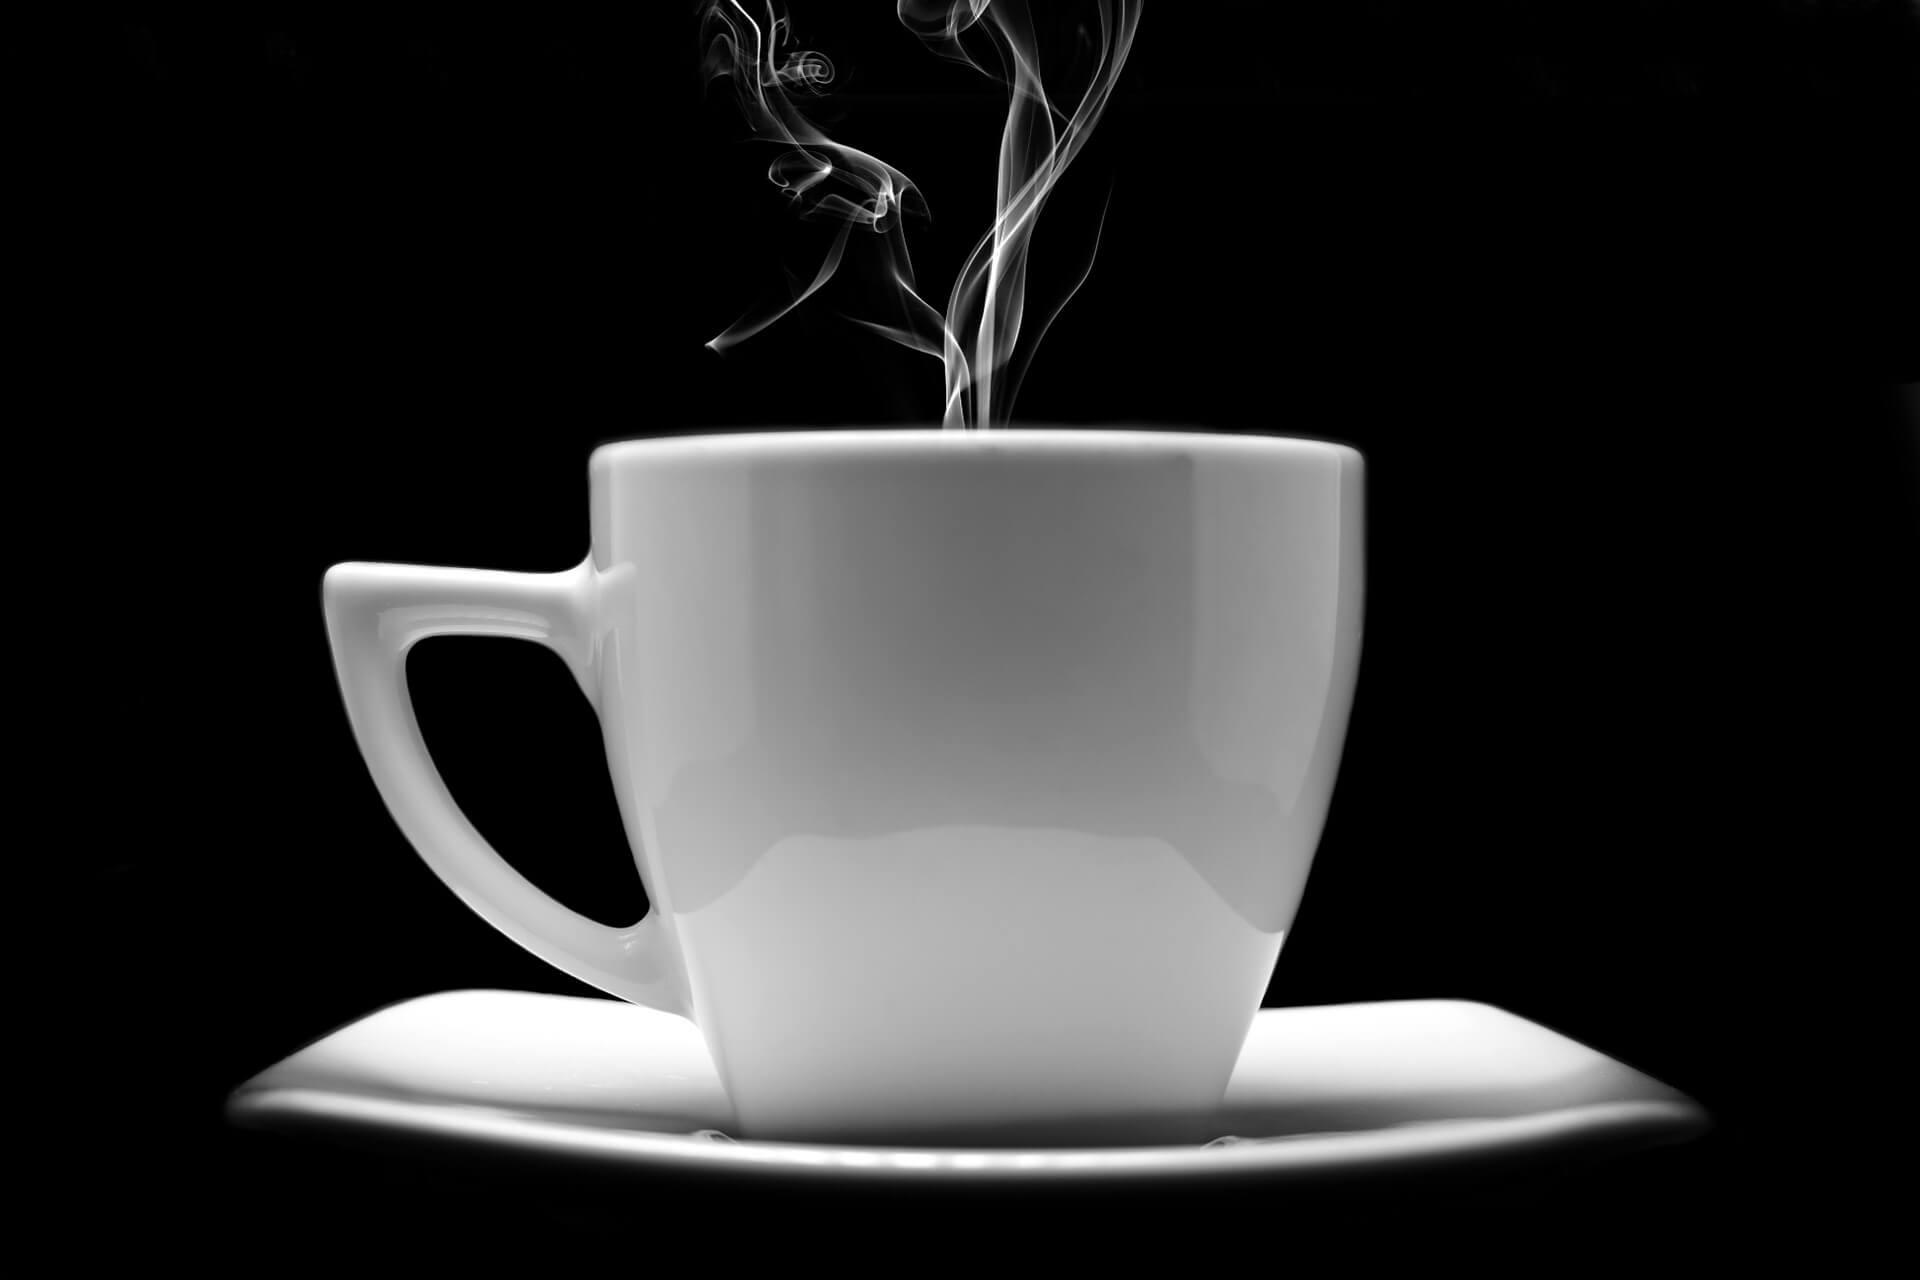 コーヒーメーカー、カプセル、値段3